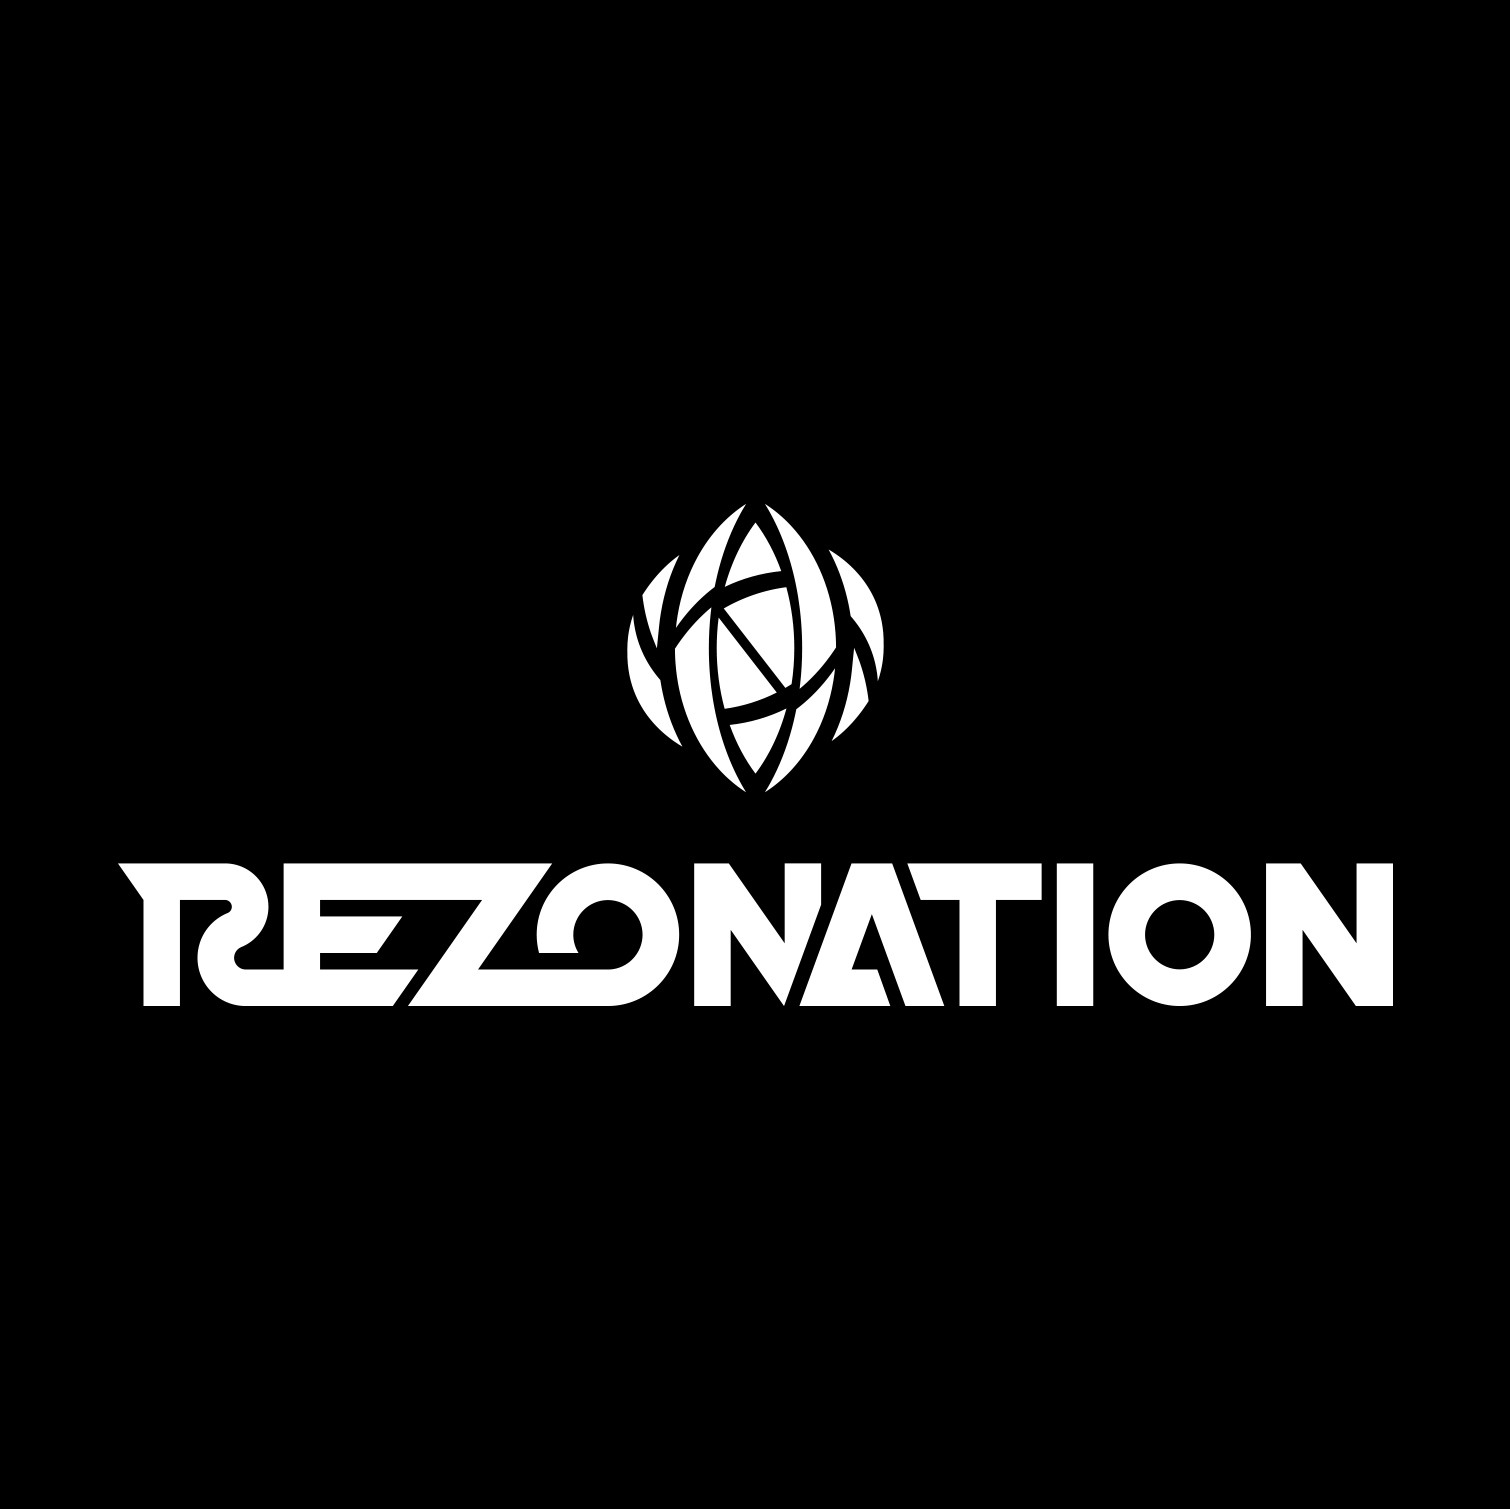 Rezonation